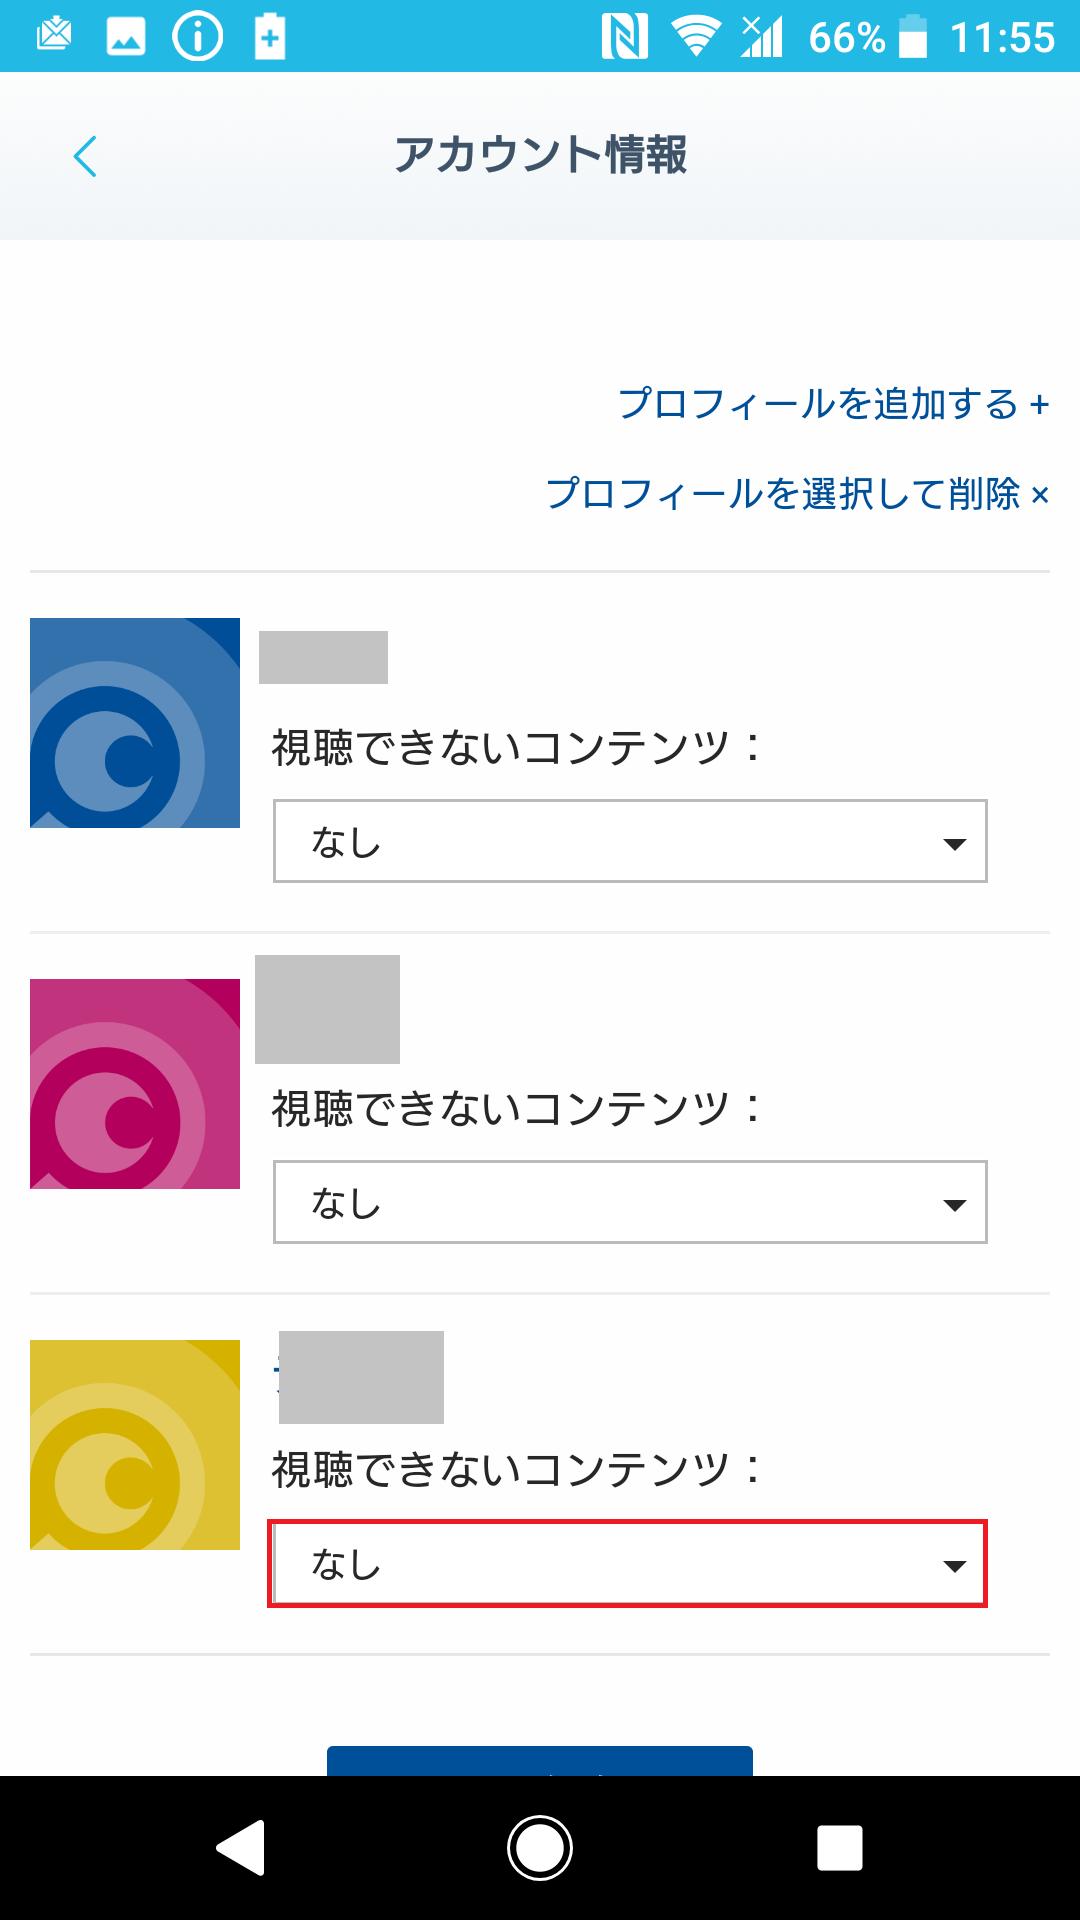 Paravi(パラビ)のアカウント追加や削除する方法の手順画像_7